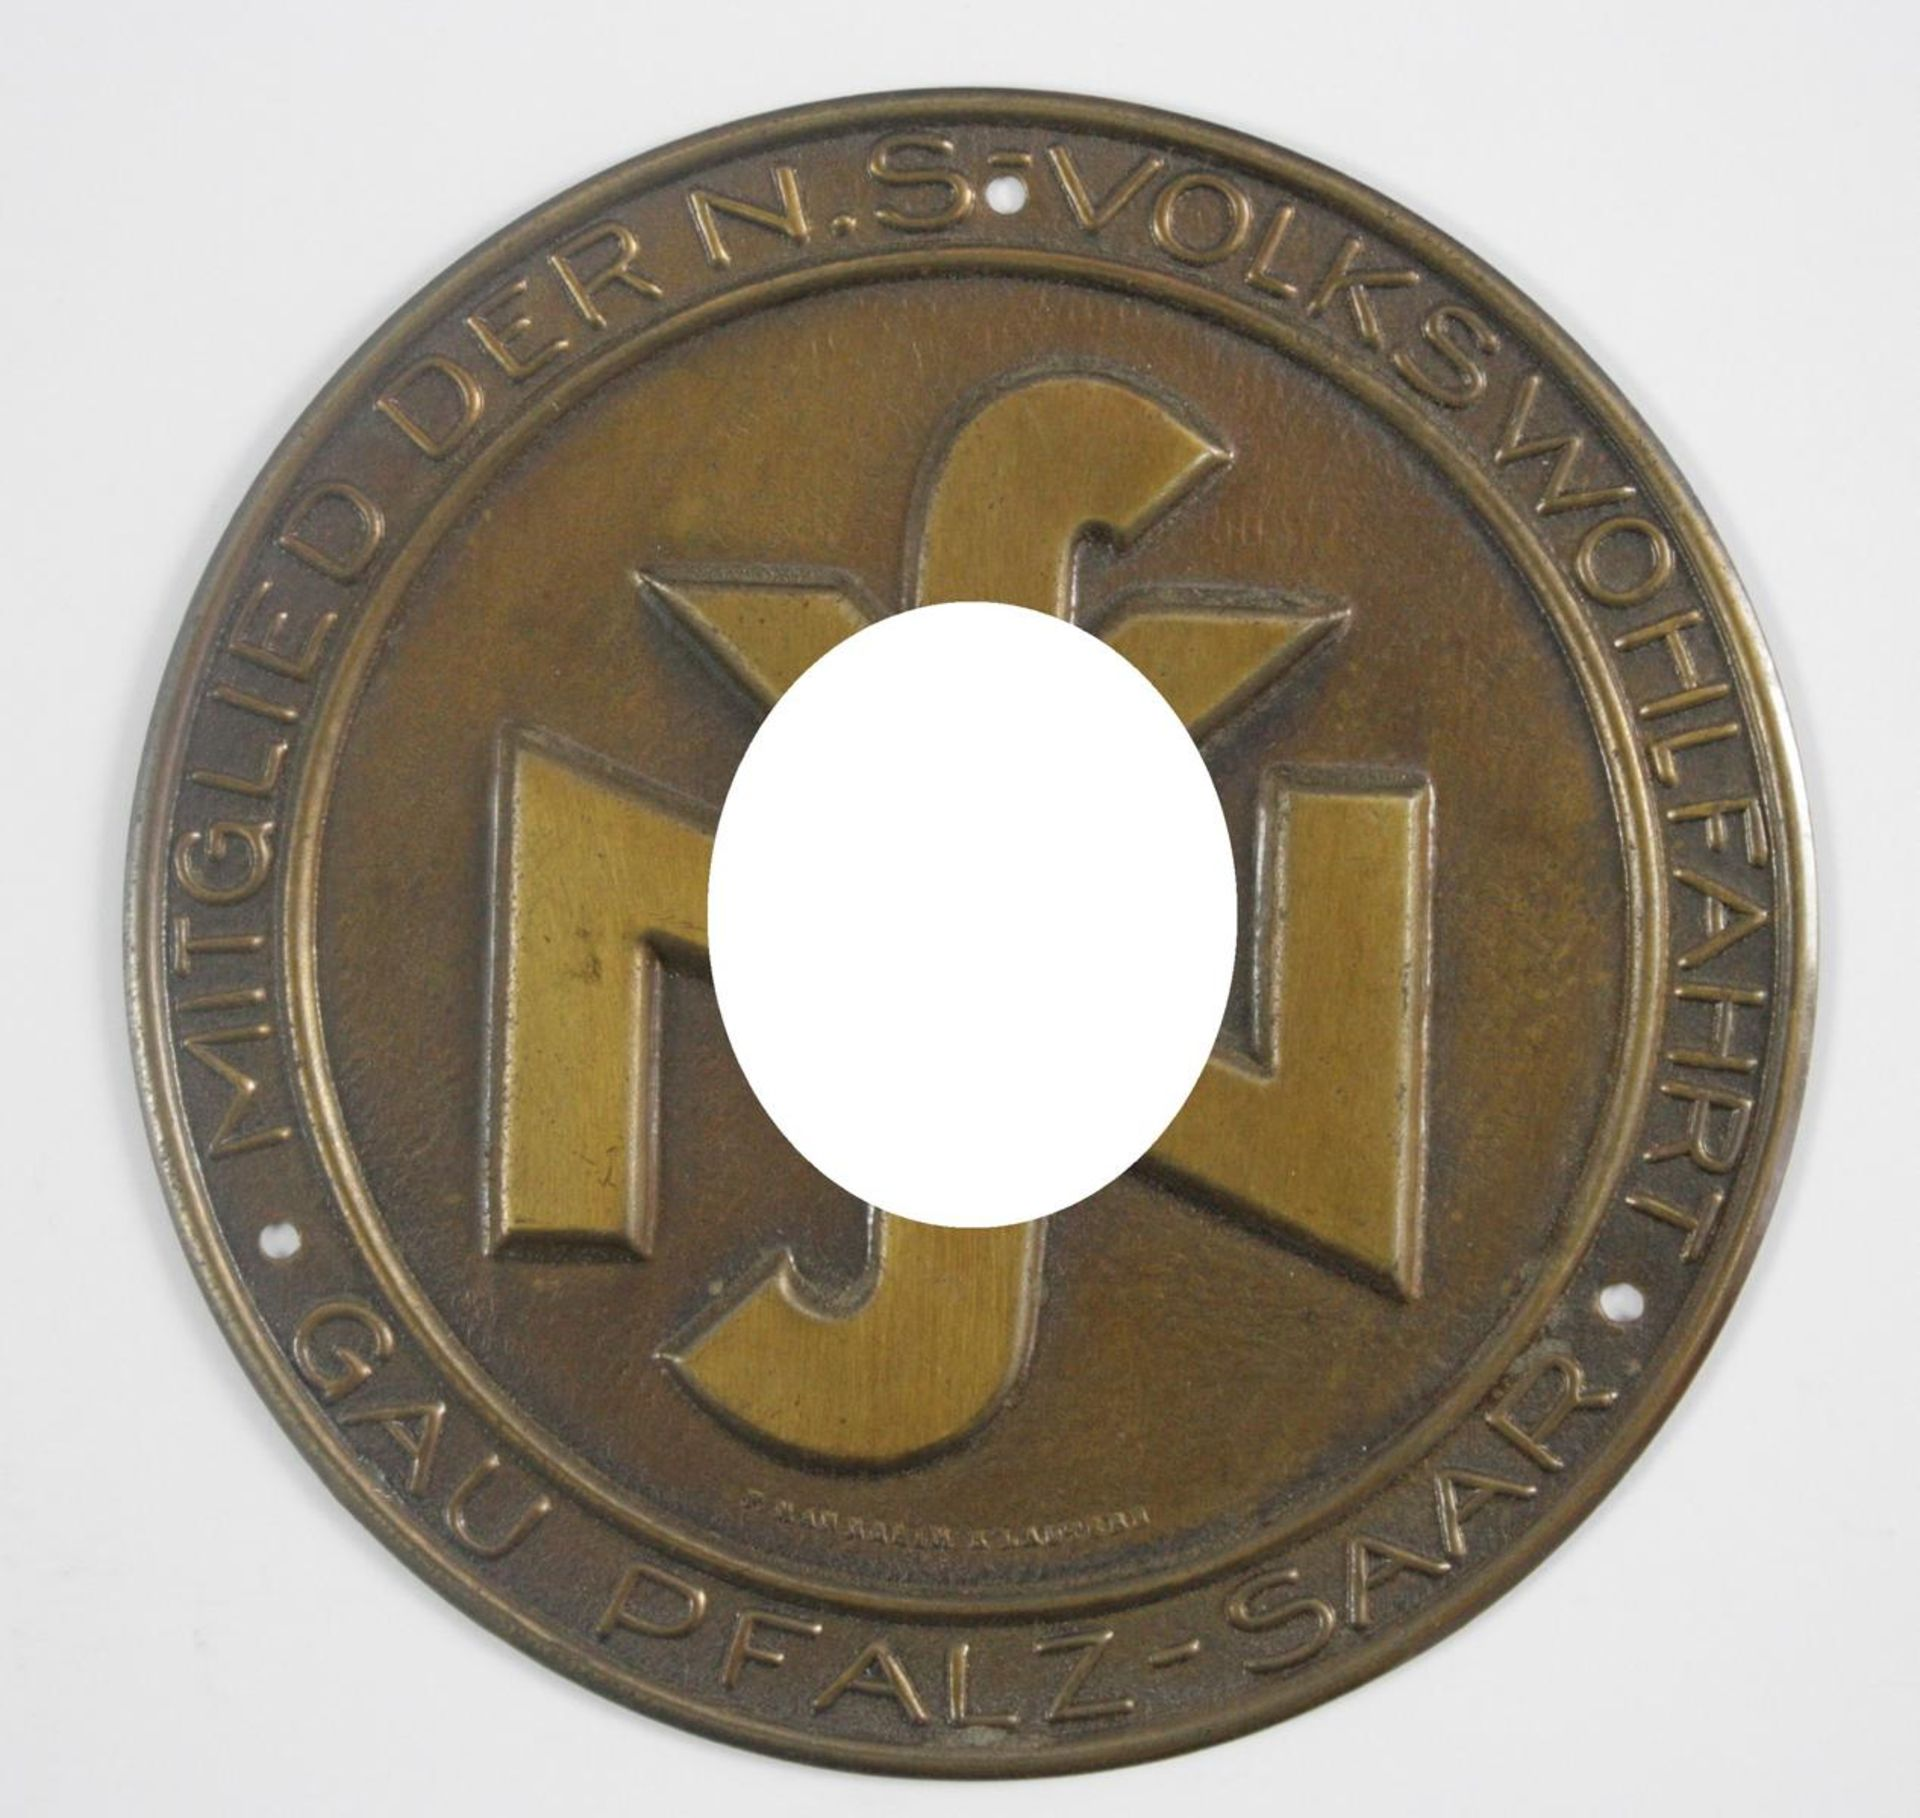 Kleine Türplakette NSV - Mitglied der NS Volkswohlfahrt Gau Pfalz-Saar